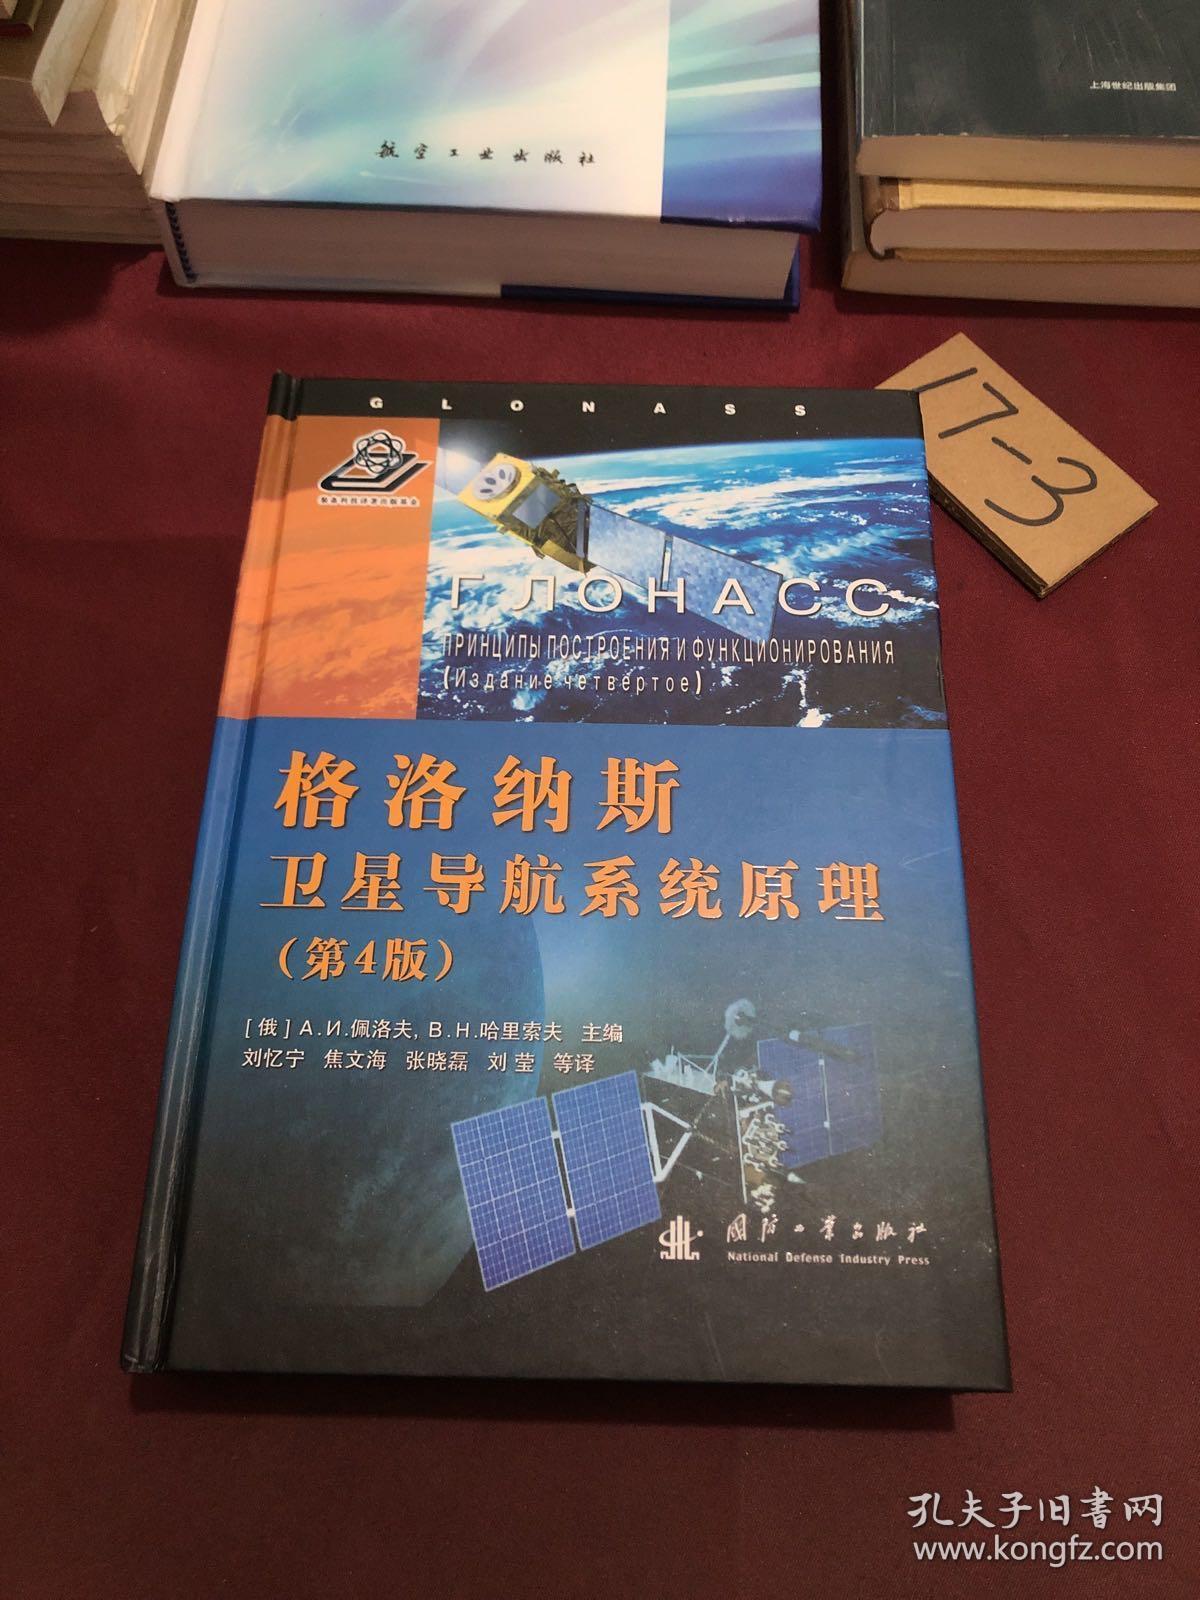 格洛纳斯卫星导航系统原理(第4版)